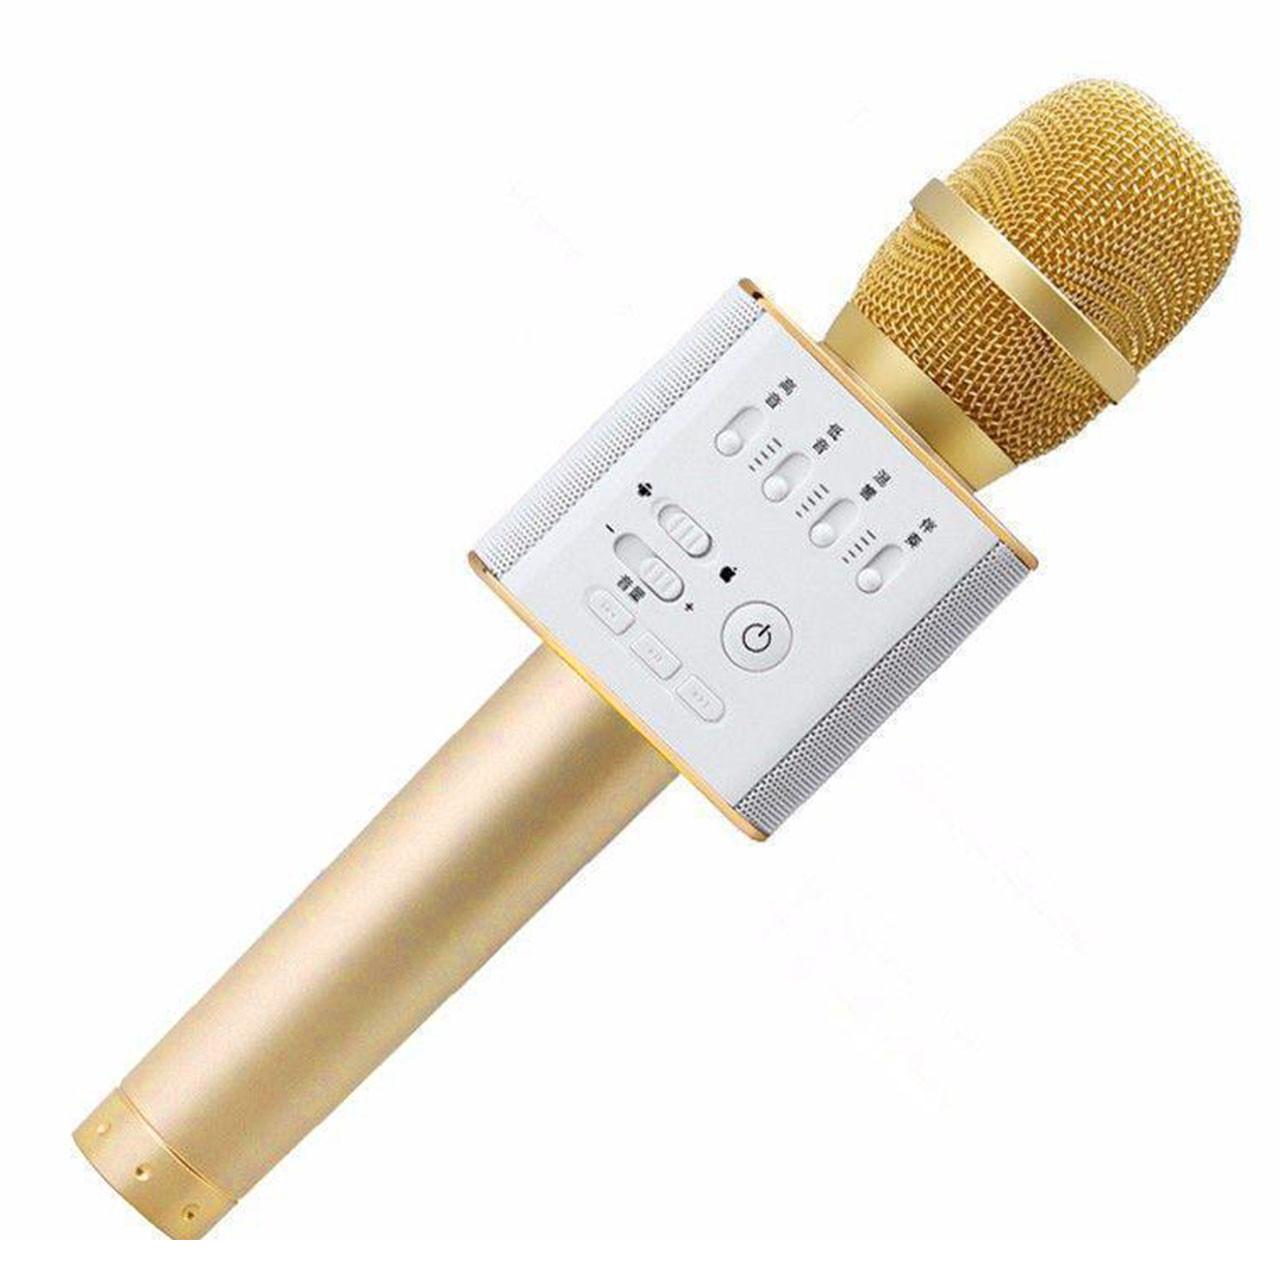 ✓Универсальный микрофон Micgeek Q9 Золотистый USB порт караоке блютуз беспроводной